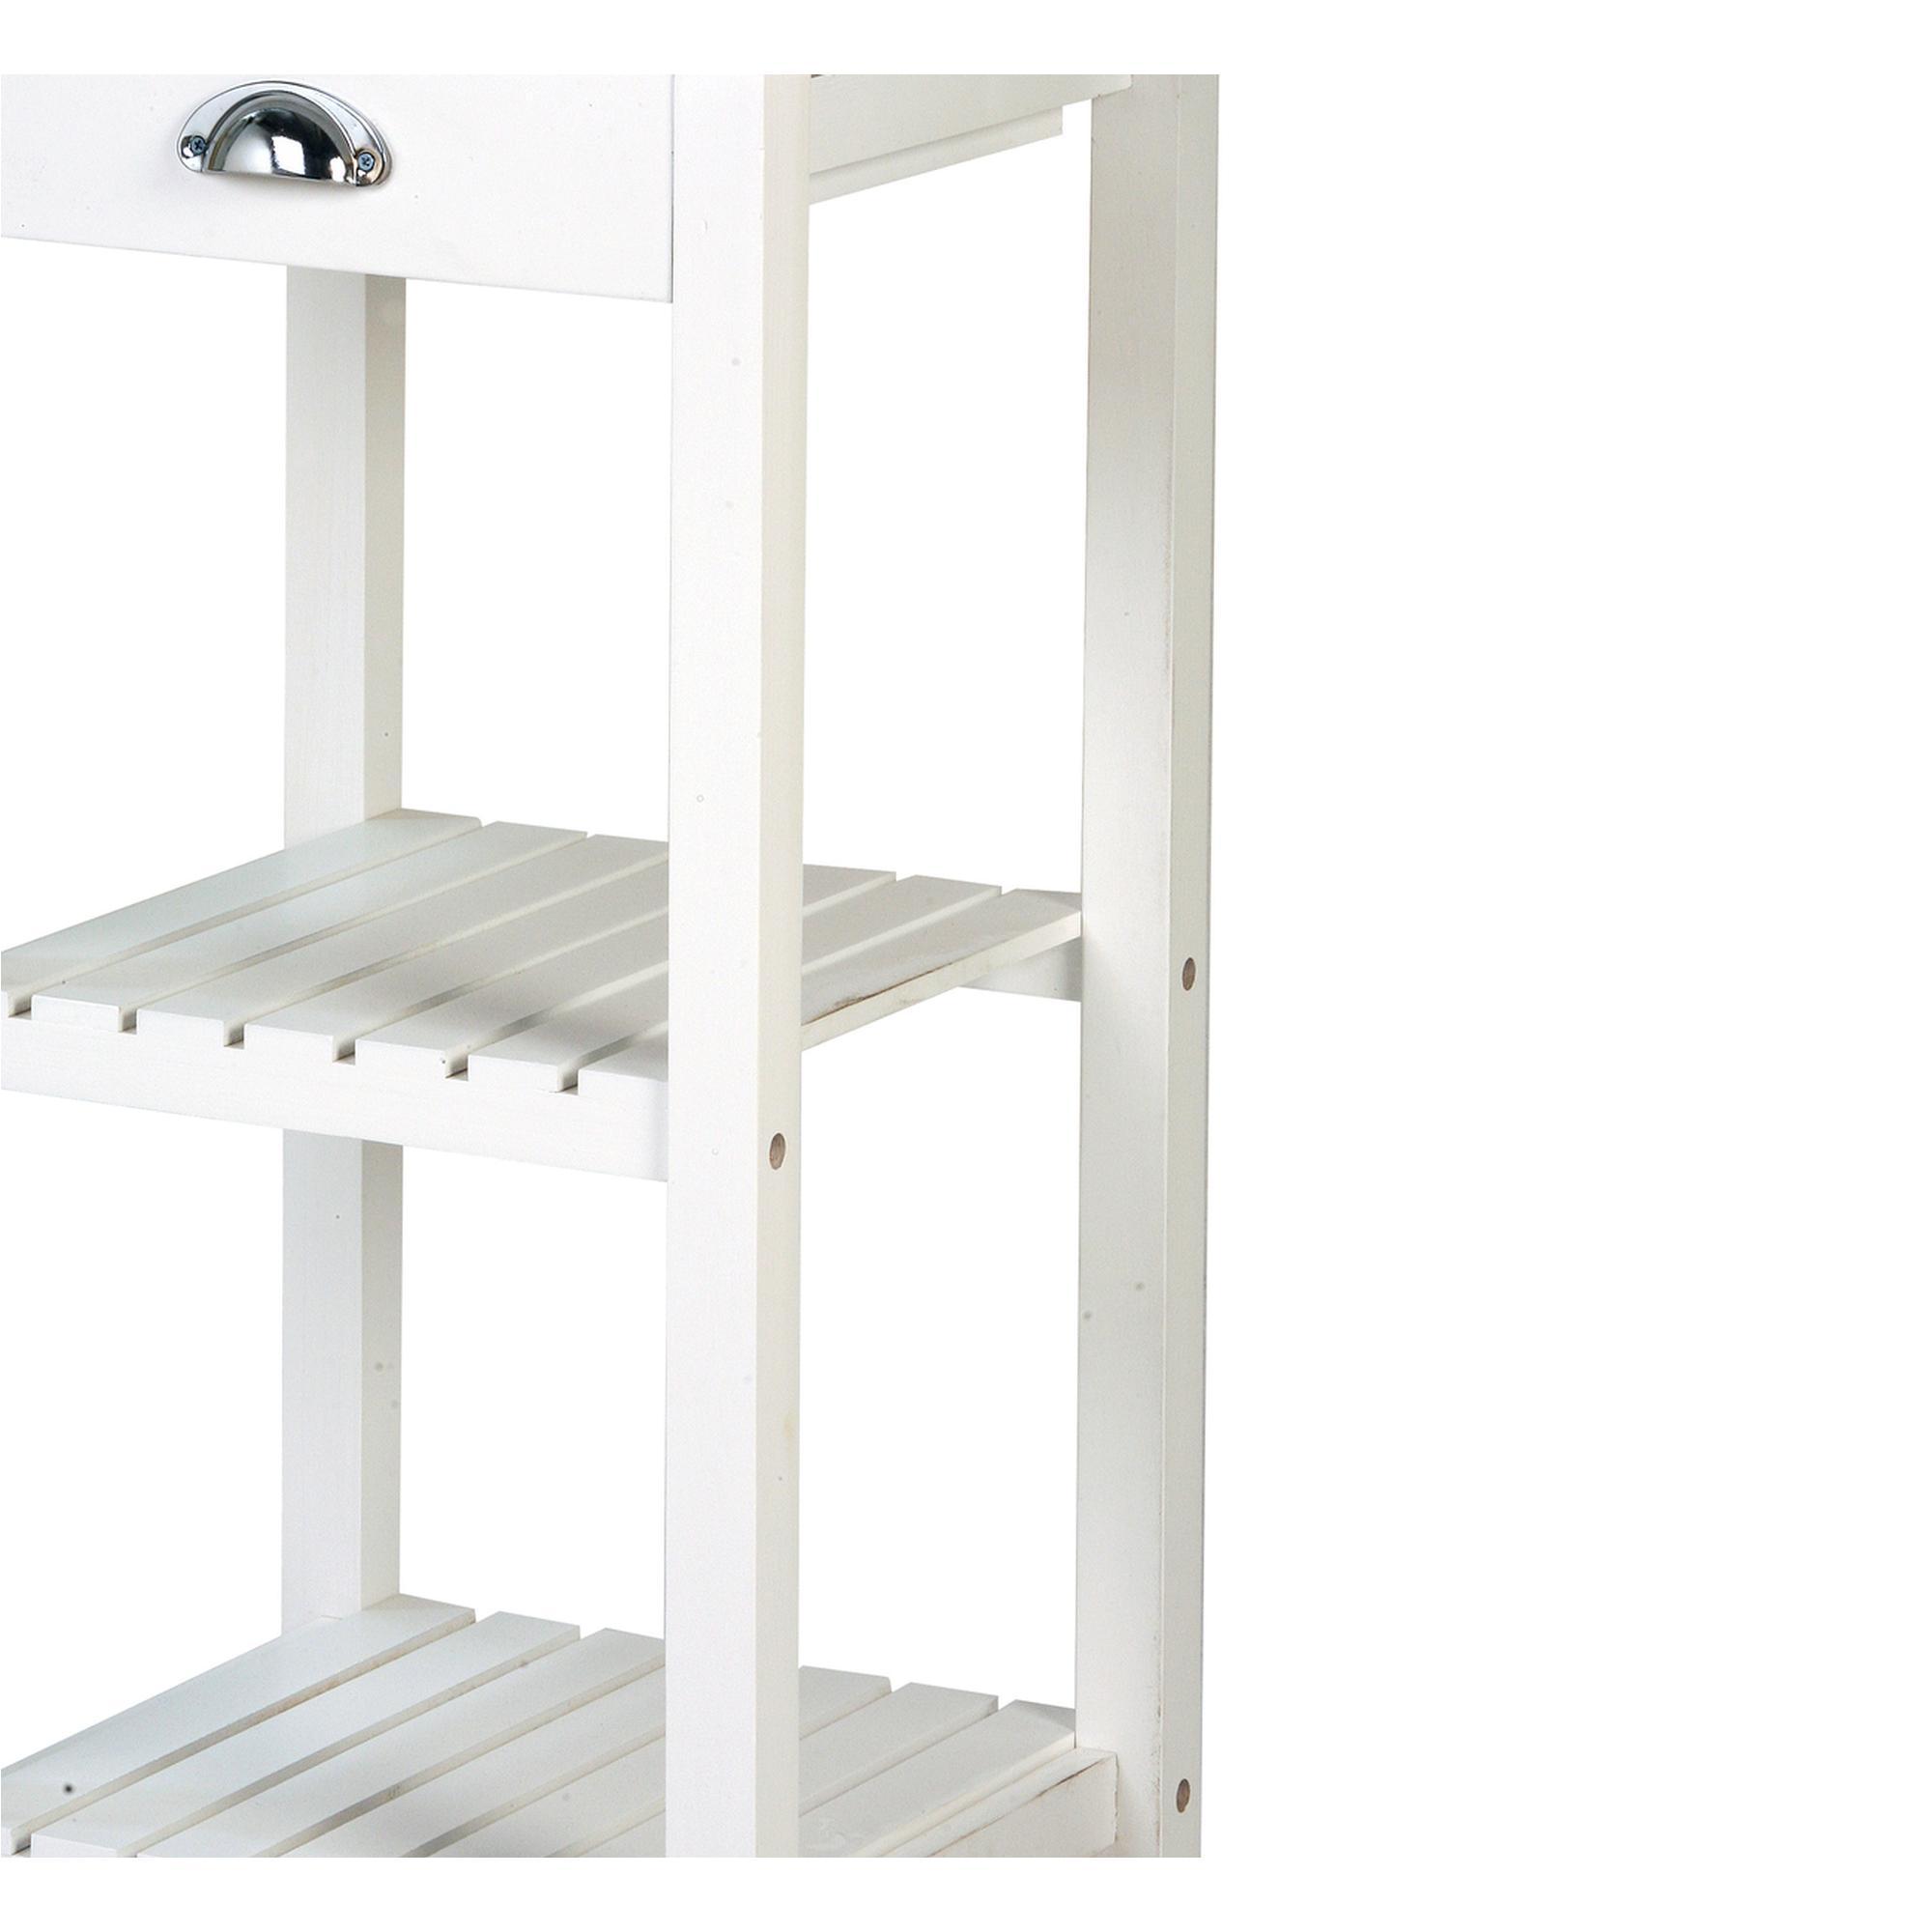 Carrello Da Cucina In Legno Bianco E Inox 40x40xh85 Cm Con Ruote Colore Bianco Archimede